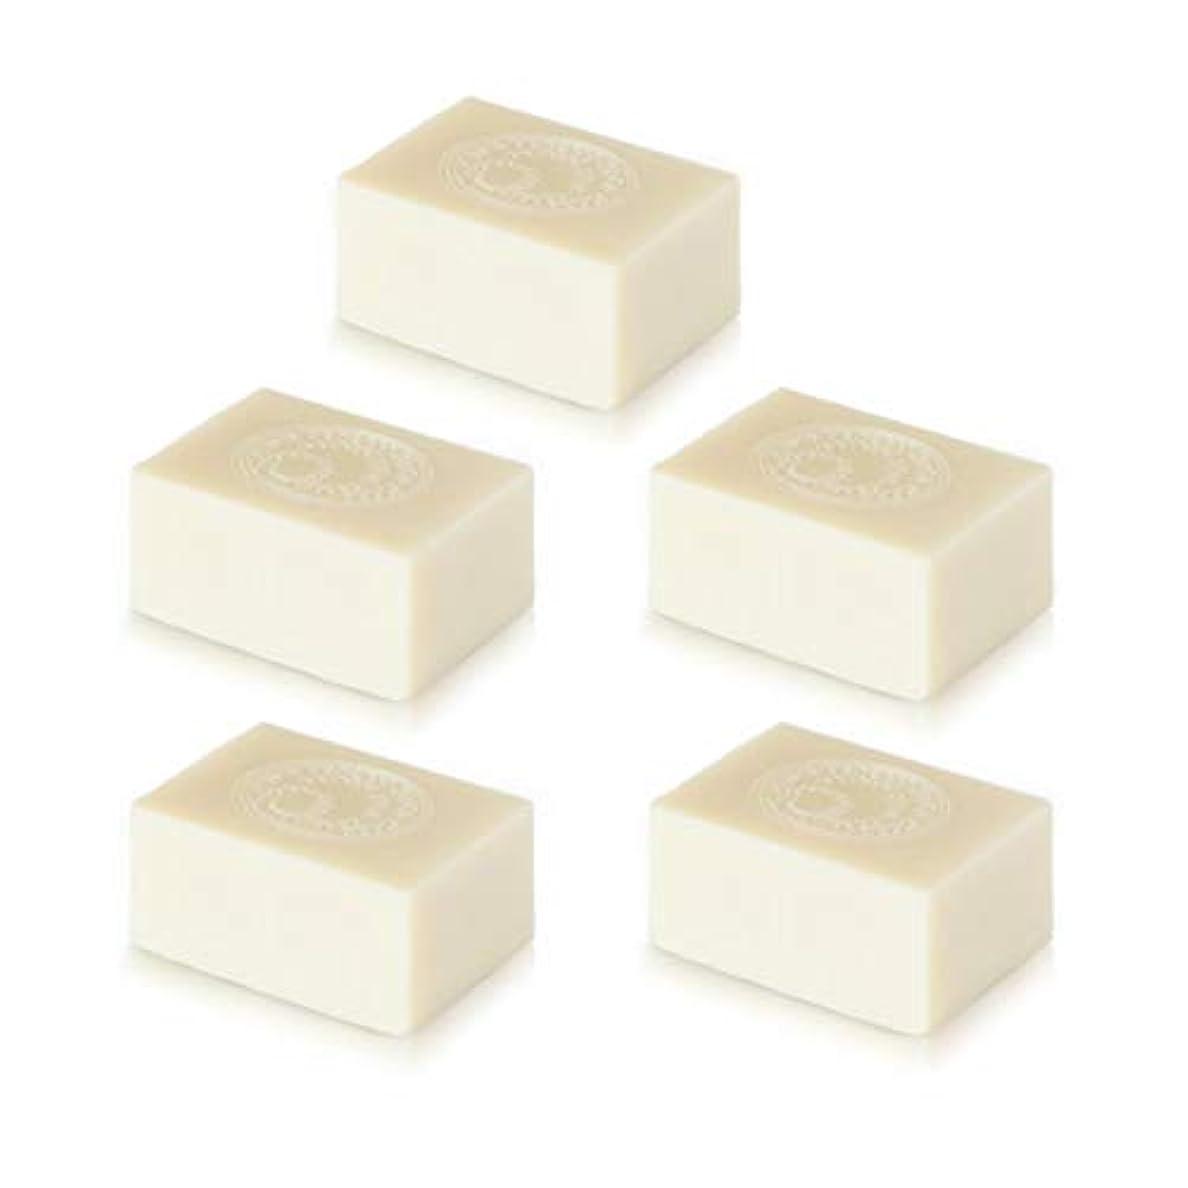 サバント歌詞ナイアード アルガン石鹸5個セット( 145g ×5個)無添加アルガン石鹸